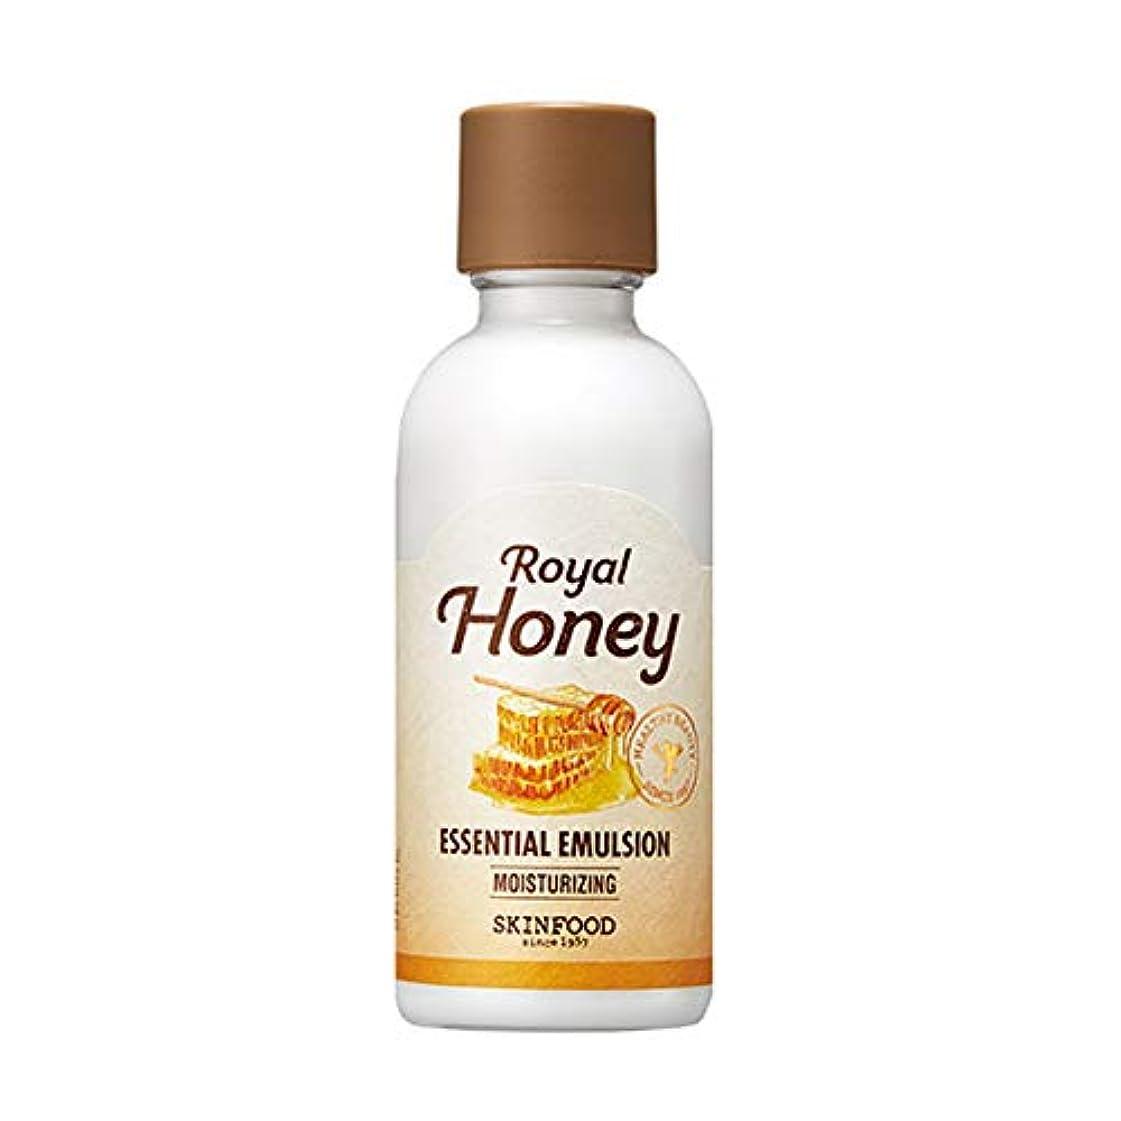 市場遠足ポインタSkinfood ロイヤルハニーエッセンシャルエマルジョン/Royal Honey Essential Emulsion 160ml [並行輸入品]